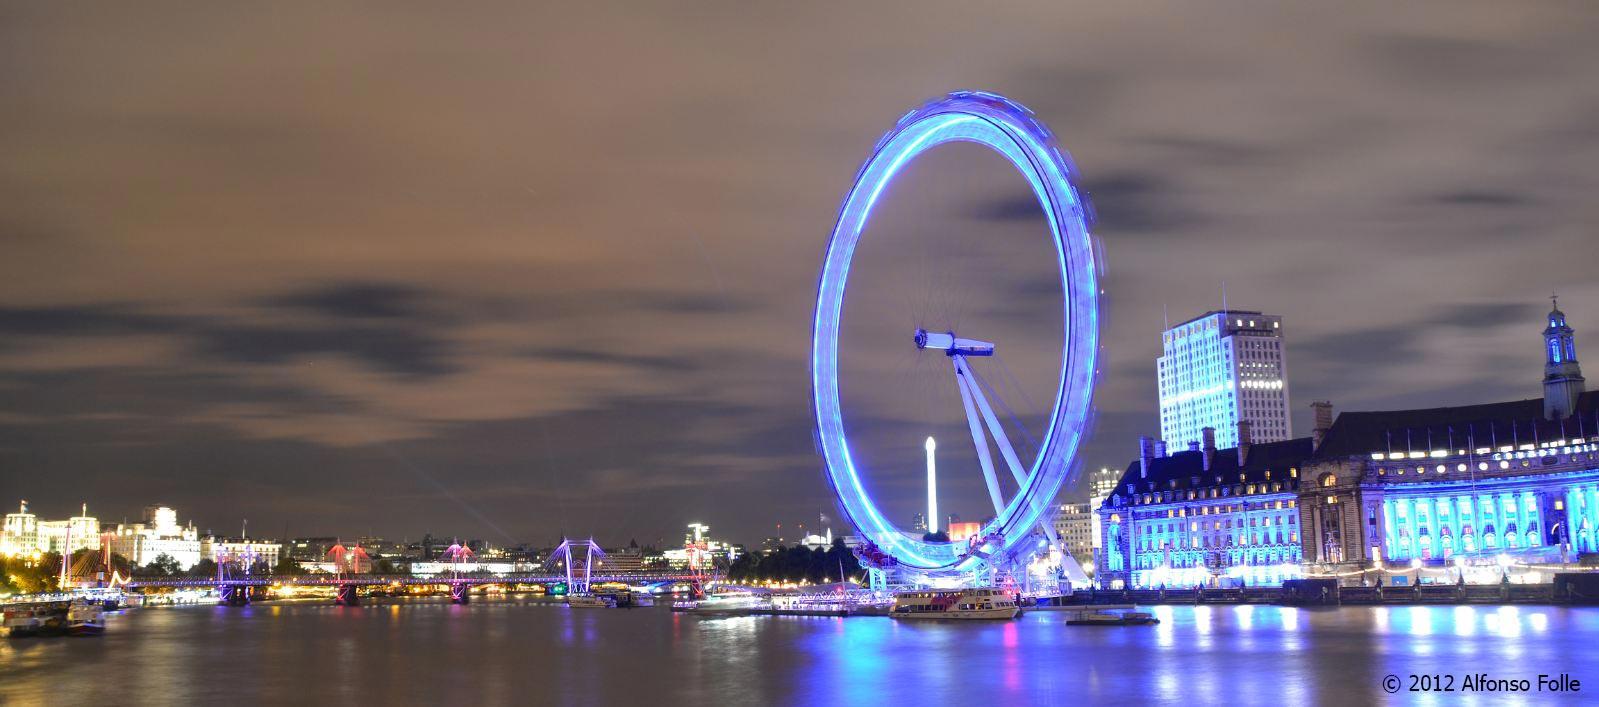 Night panorama of London